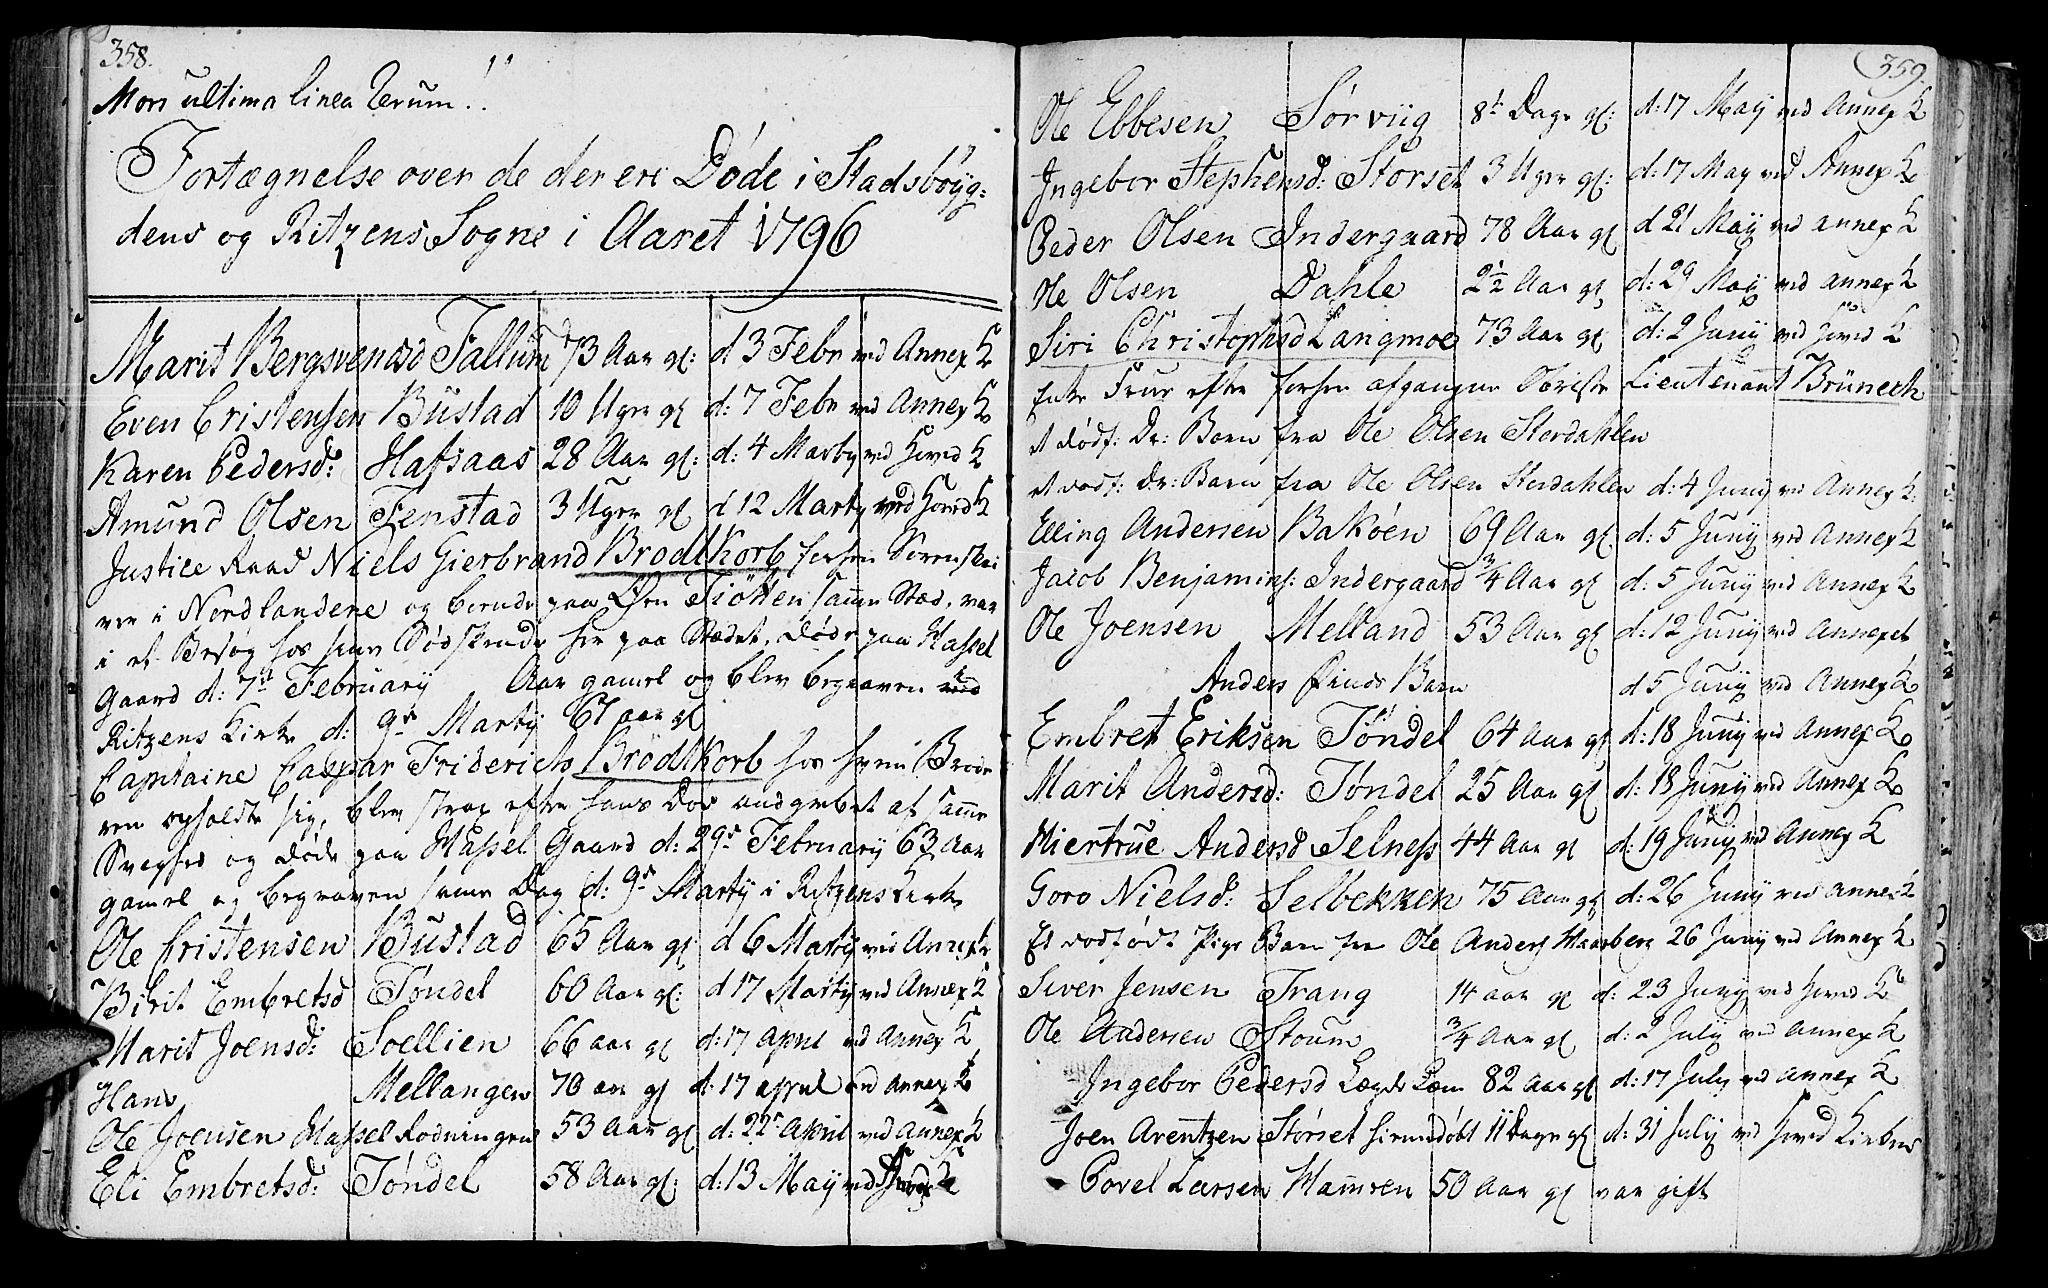 SAT, Ministerialprotokoller, klokkerbøker og fødselsregistre - Sør-Trøndelag, 646/L0606: Ministerialbok nr. 646A04, 1791-1805, s. 358-359